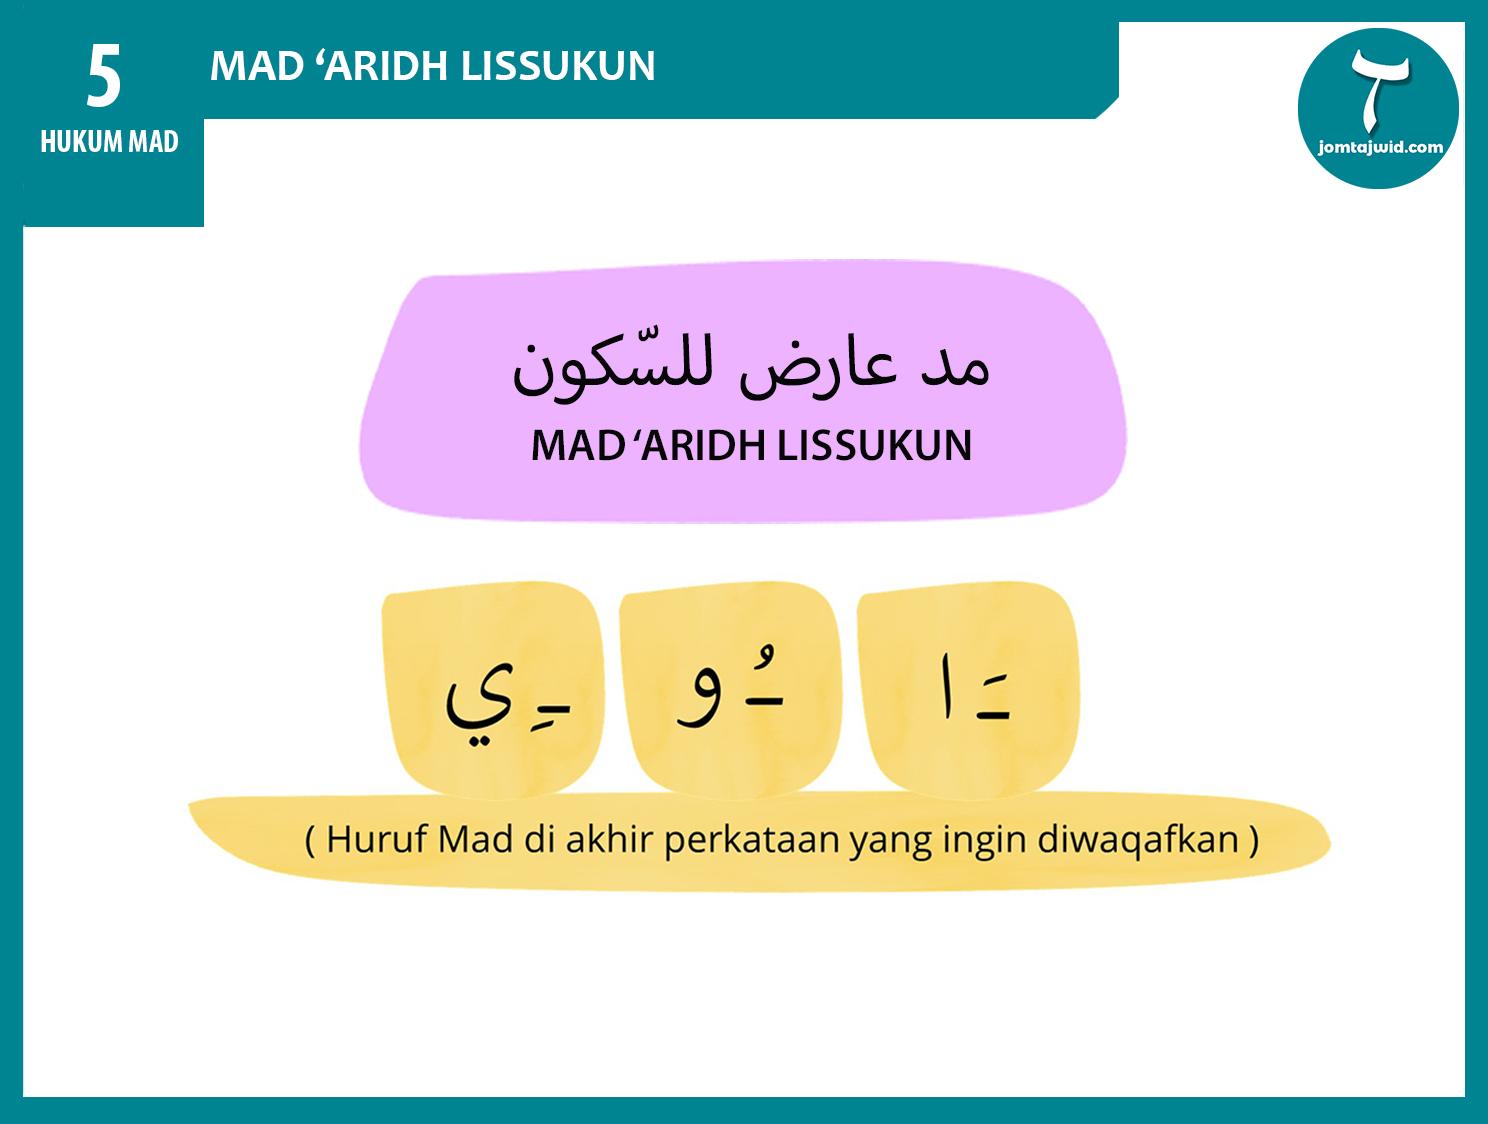 JomTajwid - Hukum mad aridh lissukun 7 (Feature) new 2